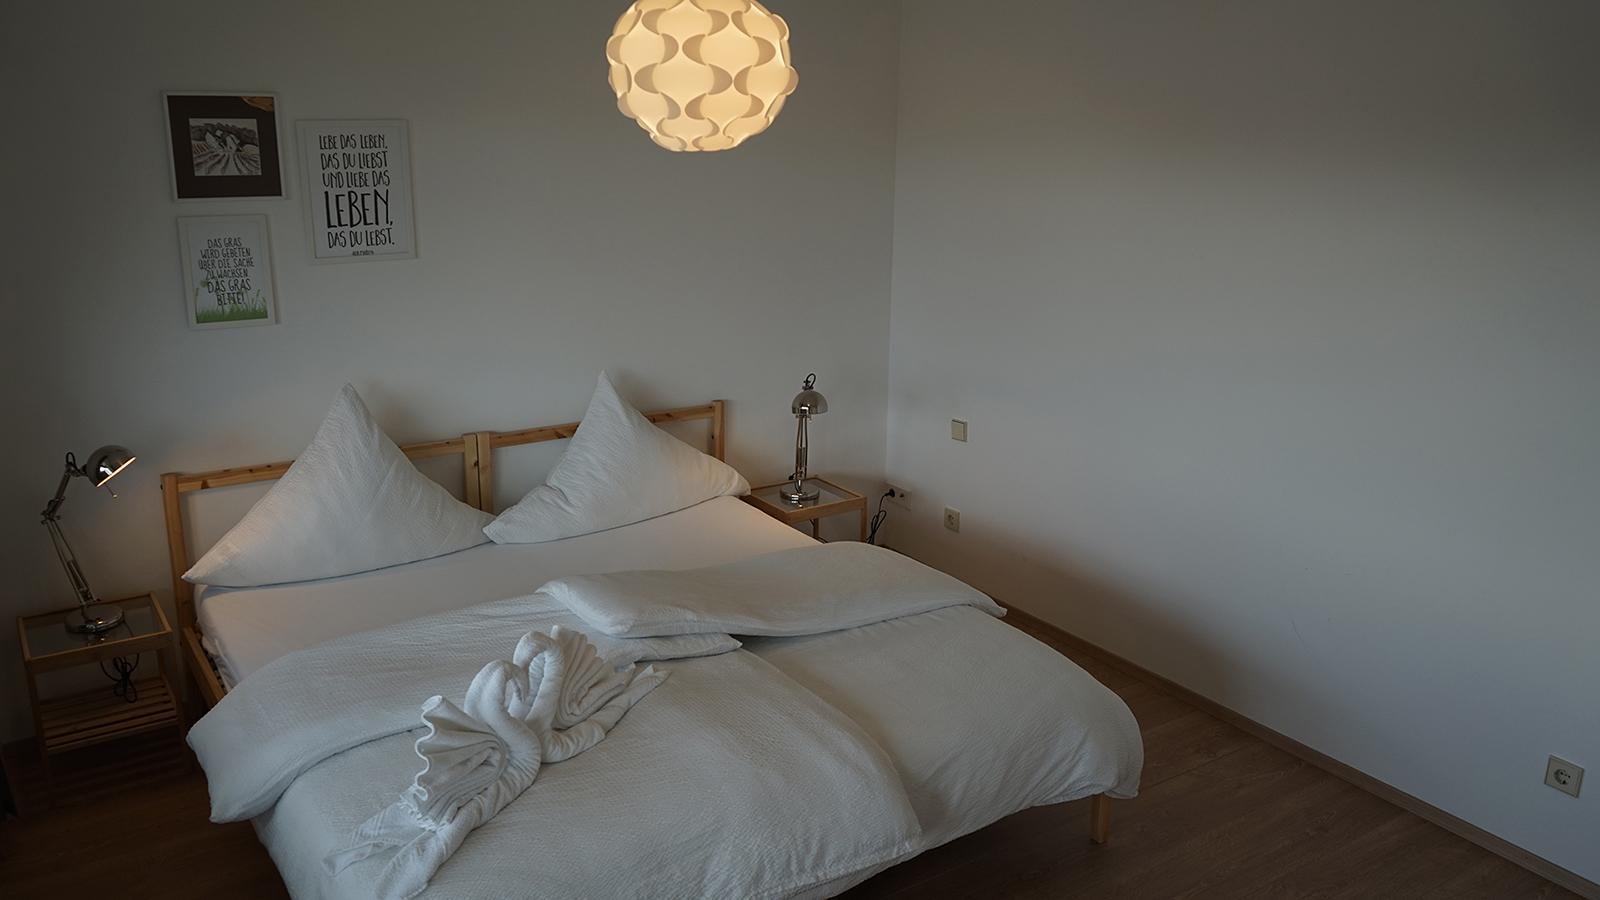 Ferienwohnung am Bodensee: Weitblick - Schlafzimmer